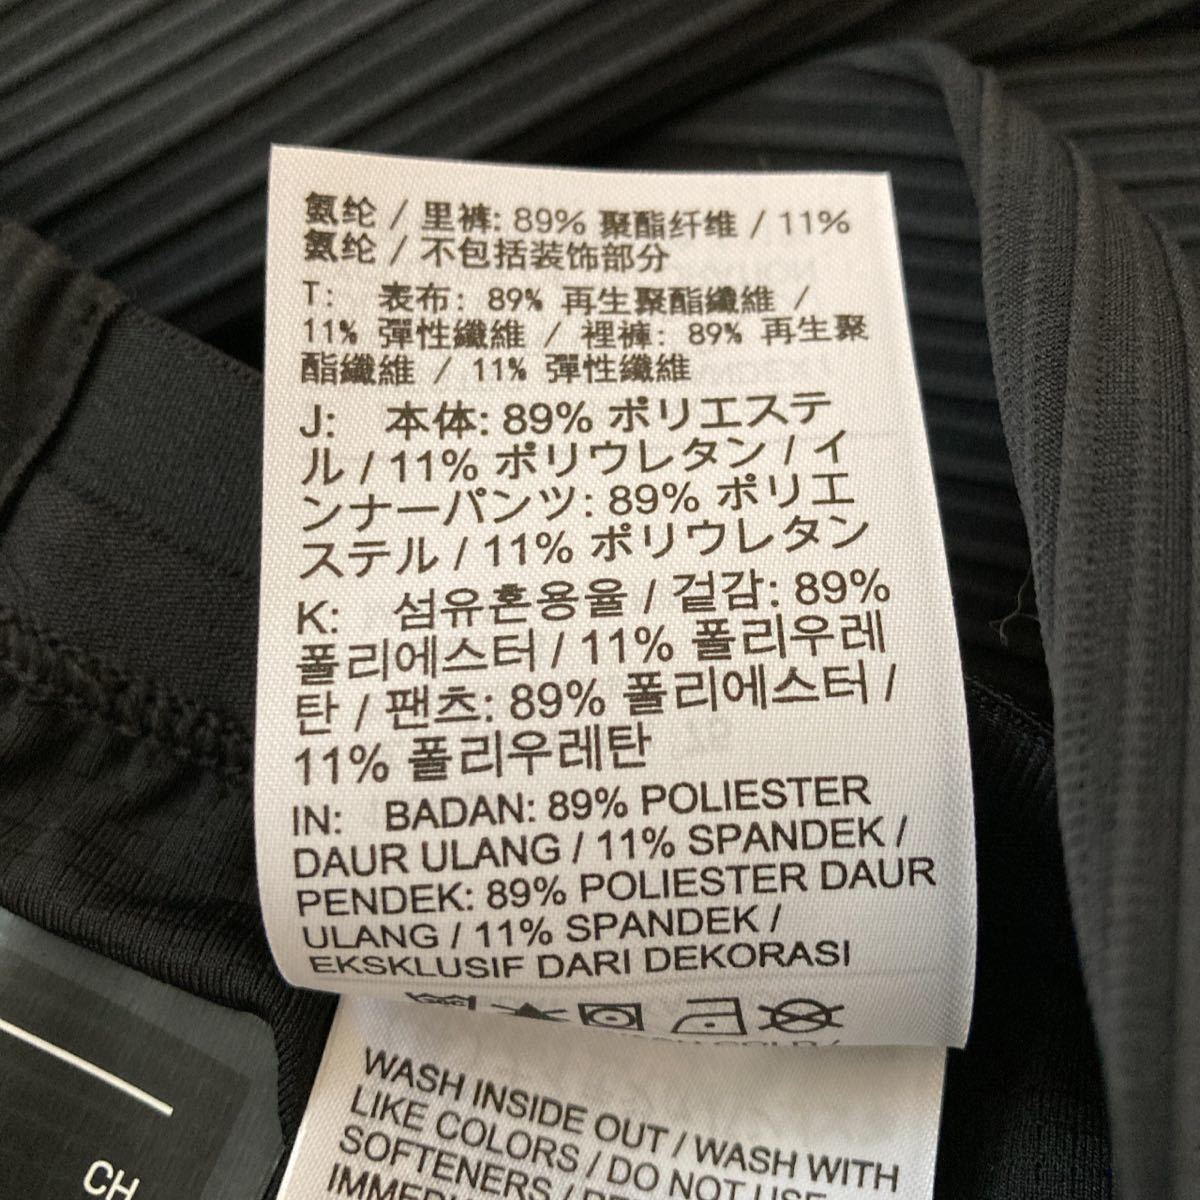 NIKE ロングタイツ テックパック HOLOKN メンズXL 定価13200円